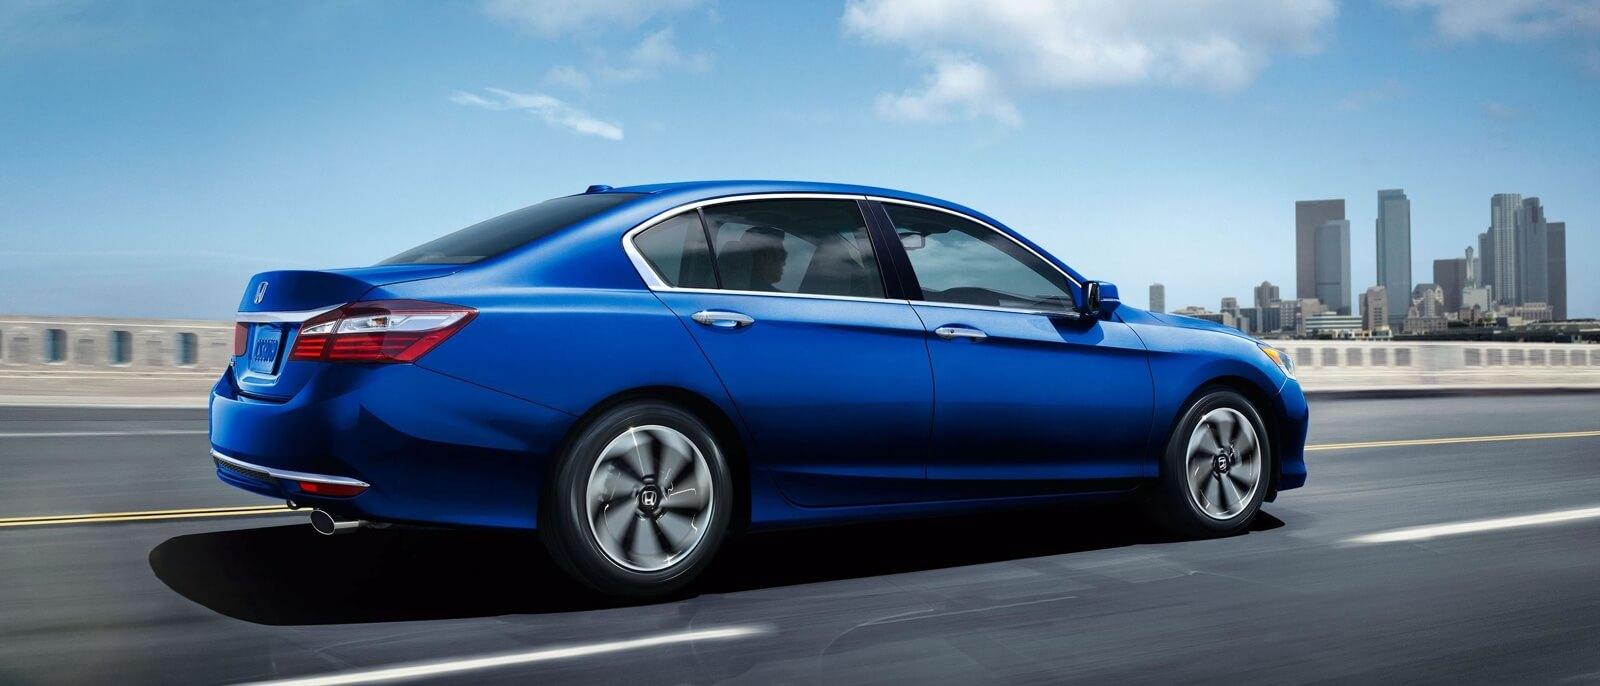 2017 Honda Accord Sedan blue exterior